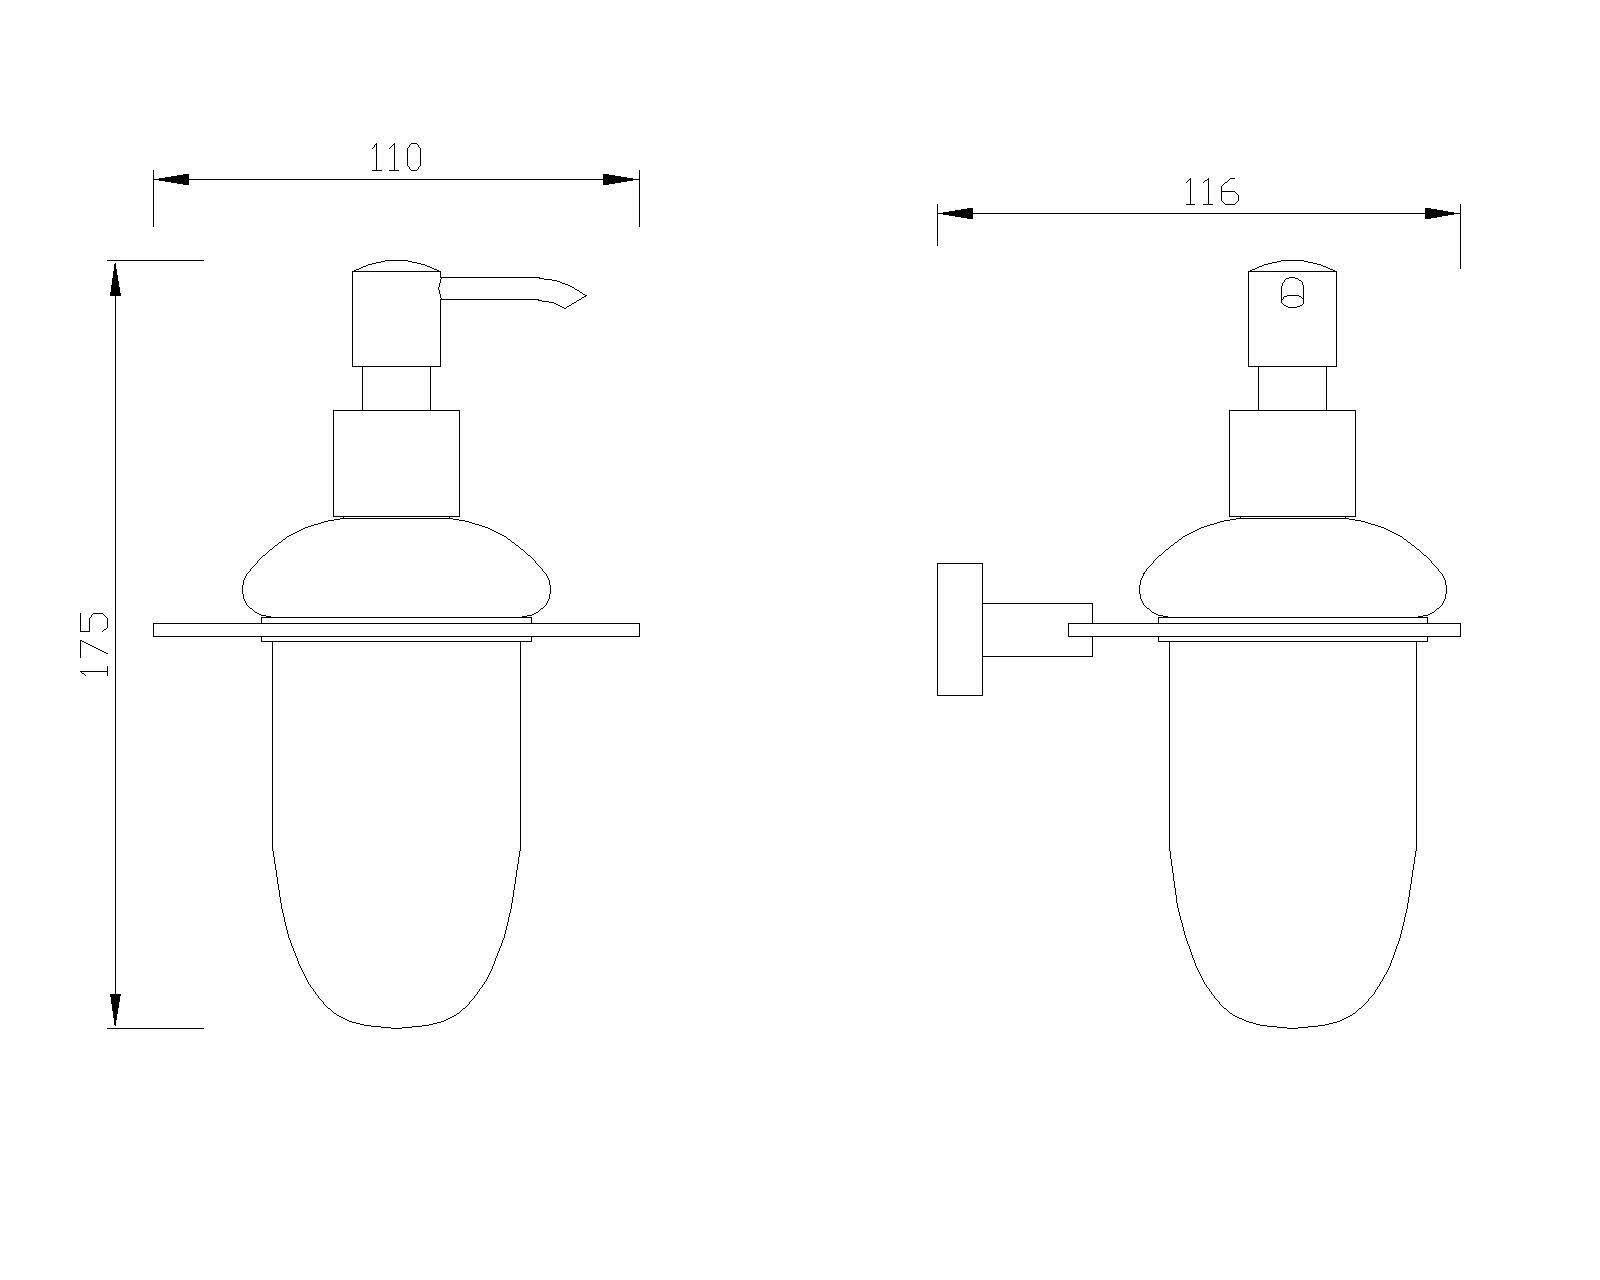 CR-Serie Wandhalterung mit Seifenspender